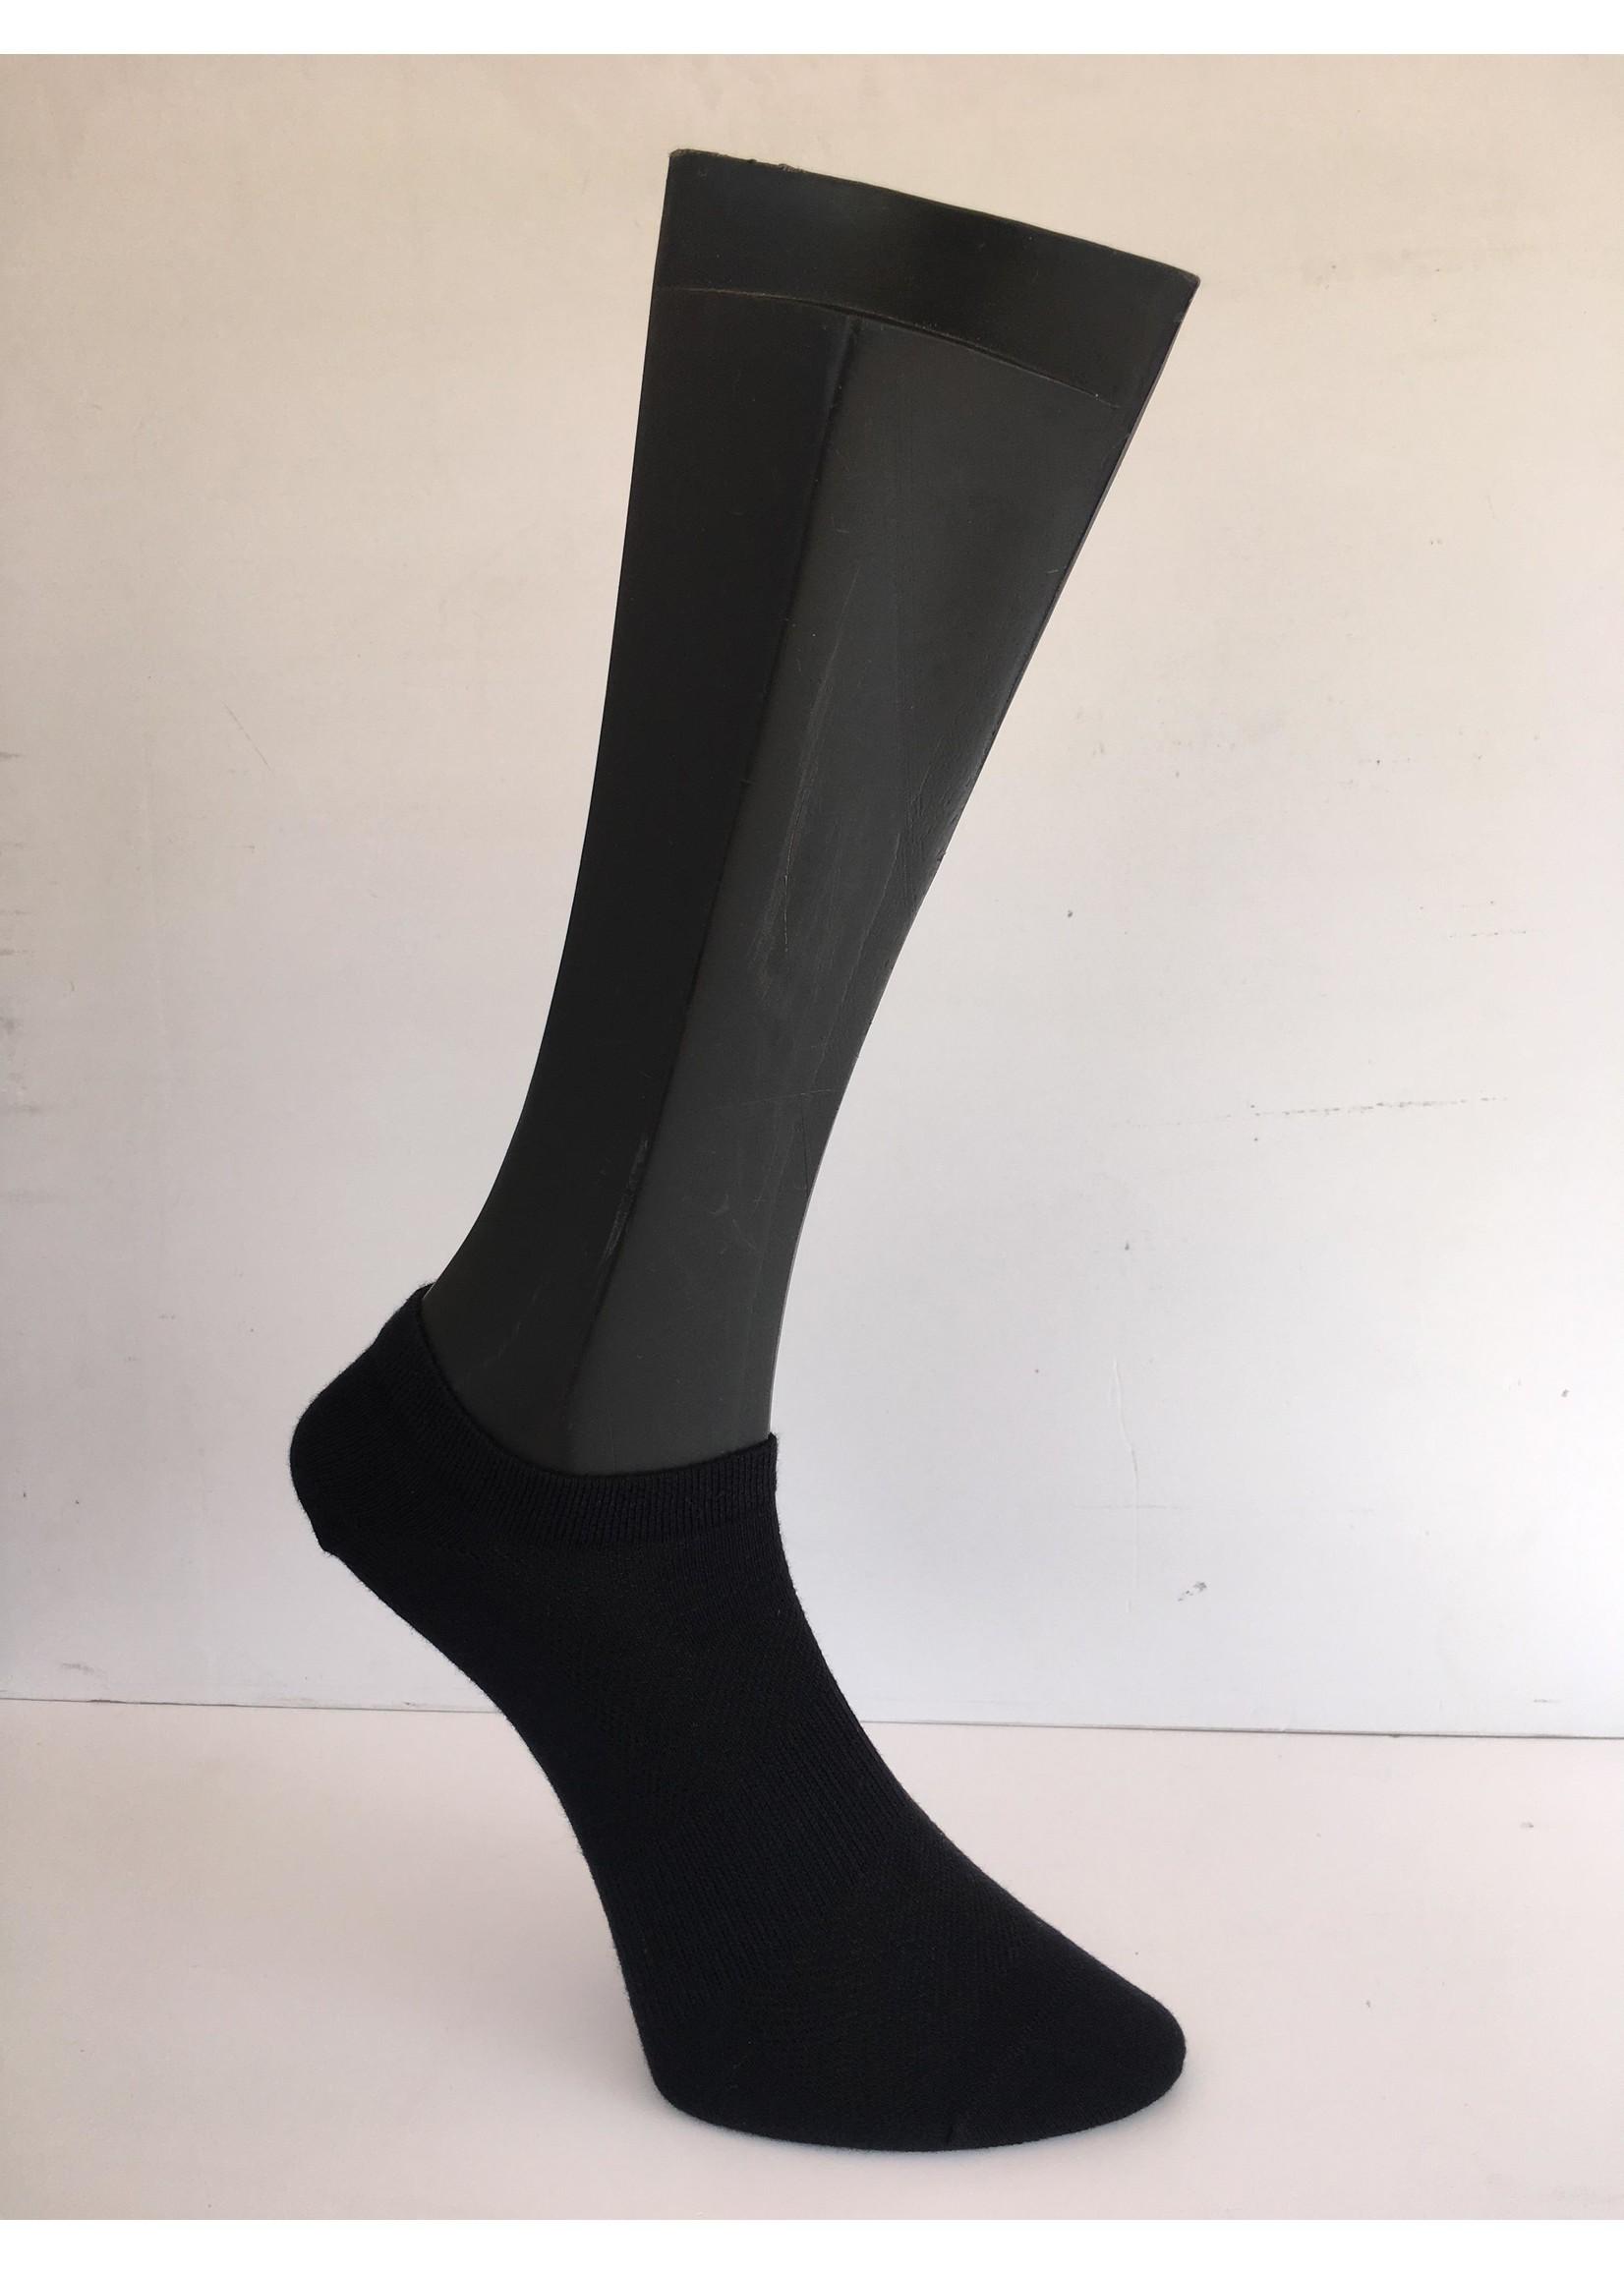 Sneaker fijn - Donkerblauw (2 paar)